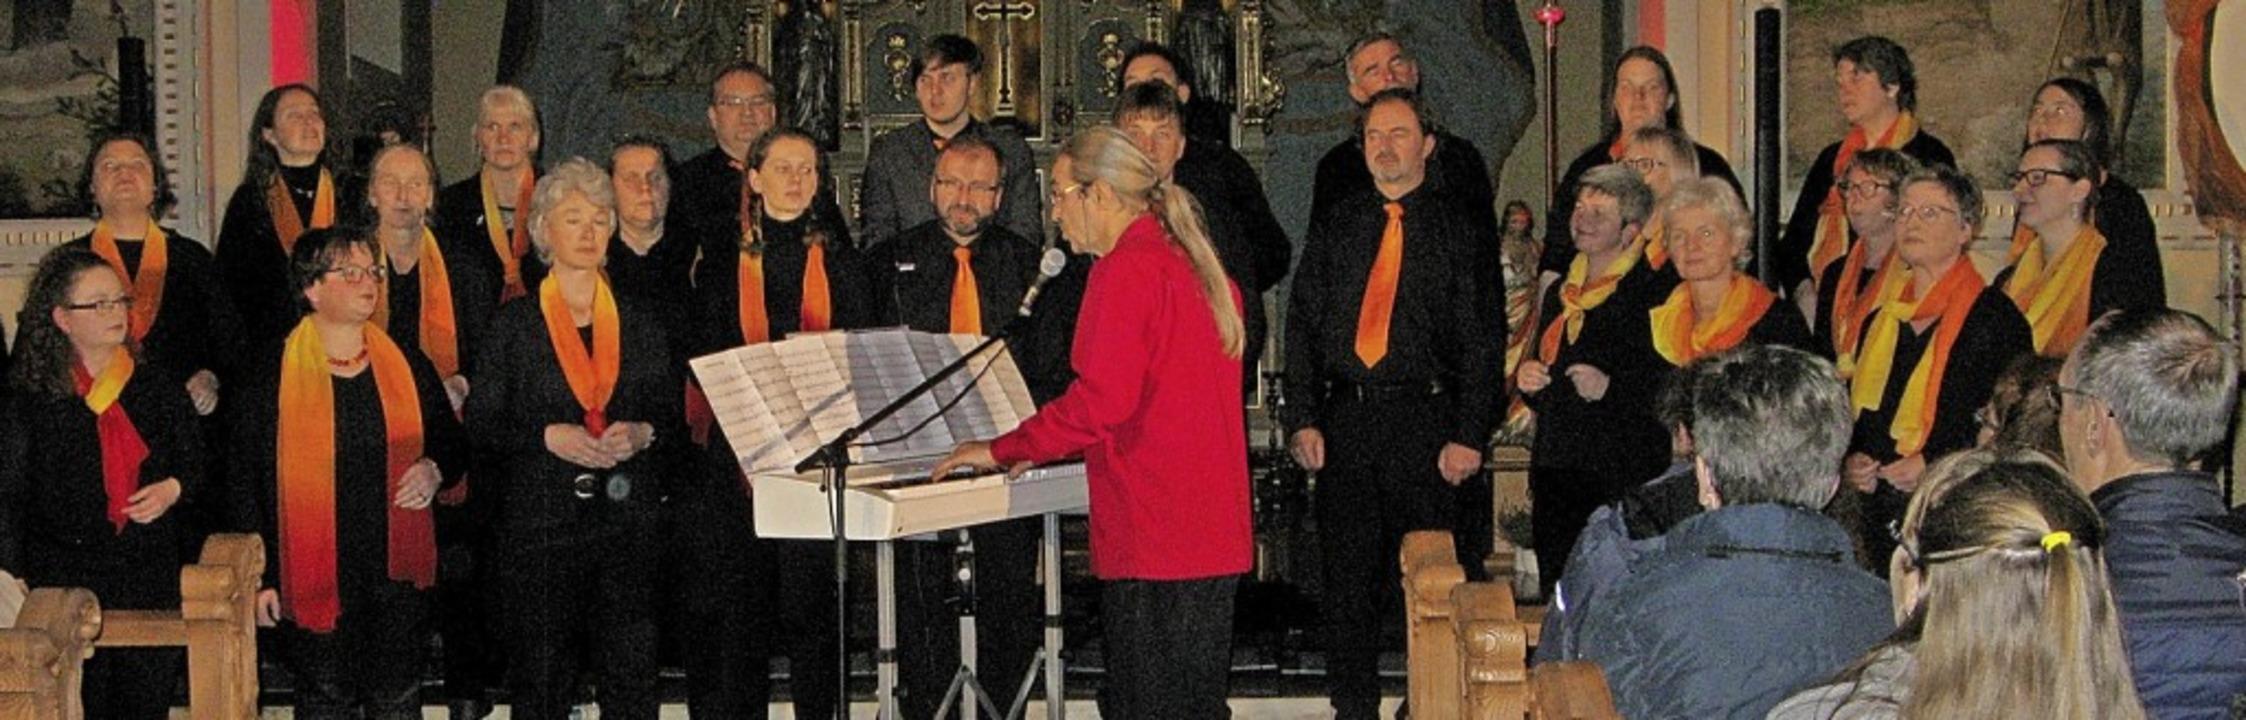 Die Sängerinnen und Sänger begeisterte... Zuhörer in der Bernauer Pfarrkirche.   | Foto: Ulrike Spiegelhalter